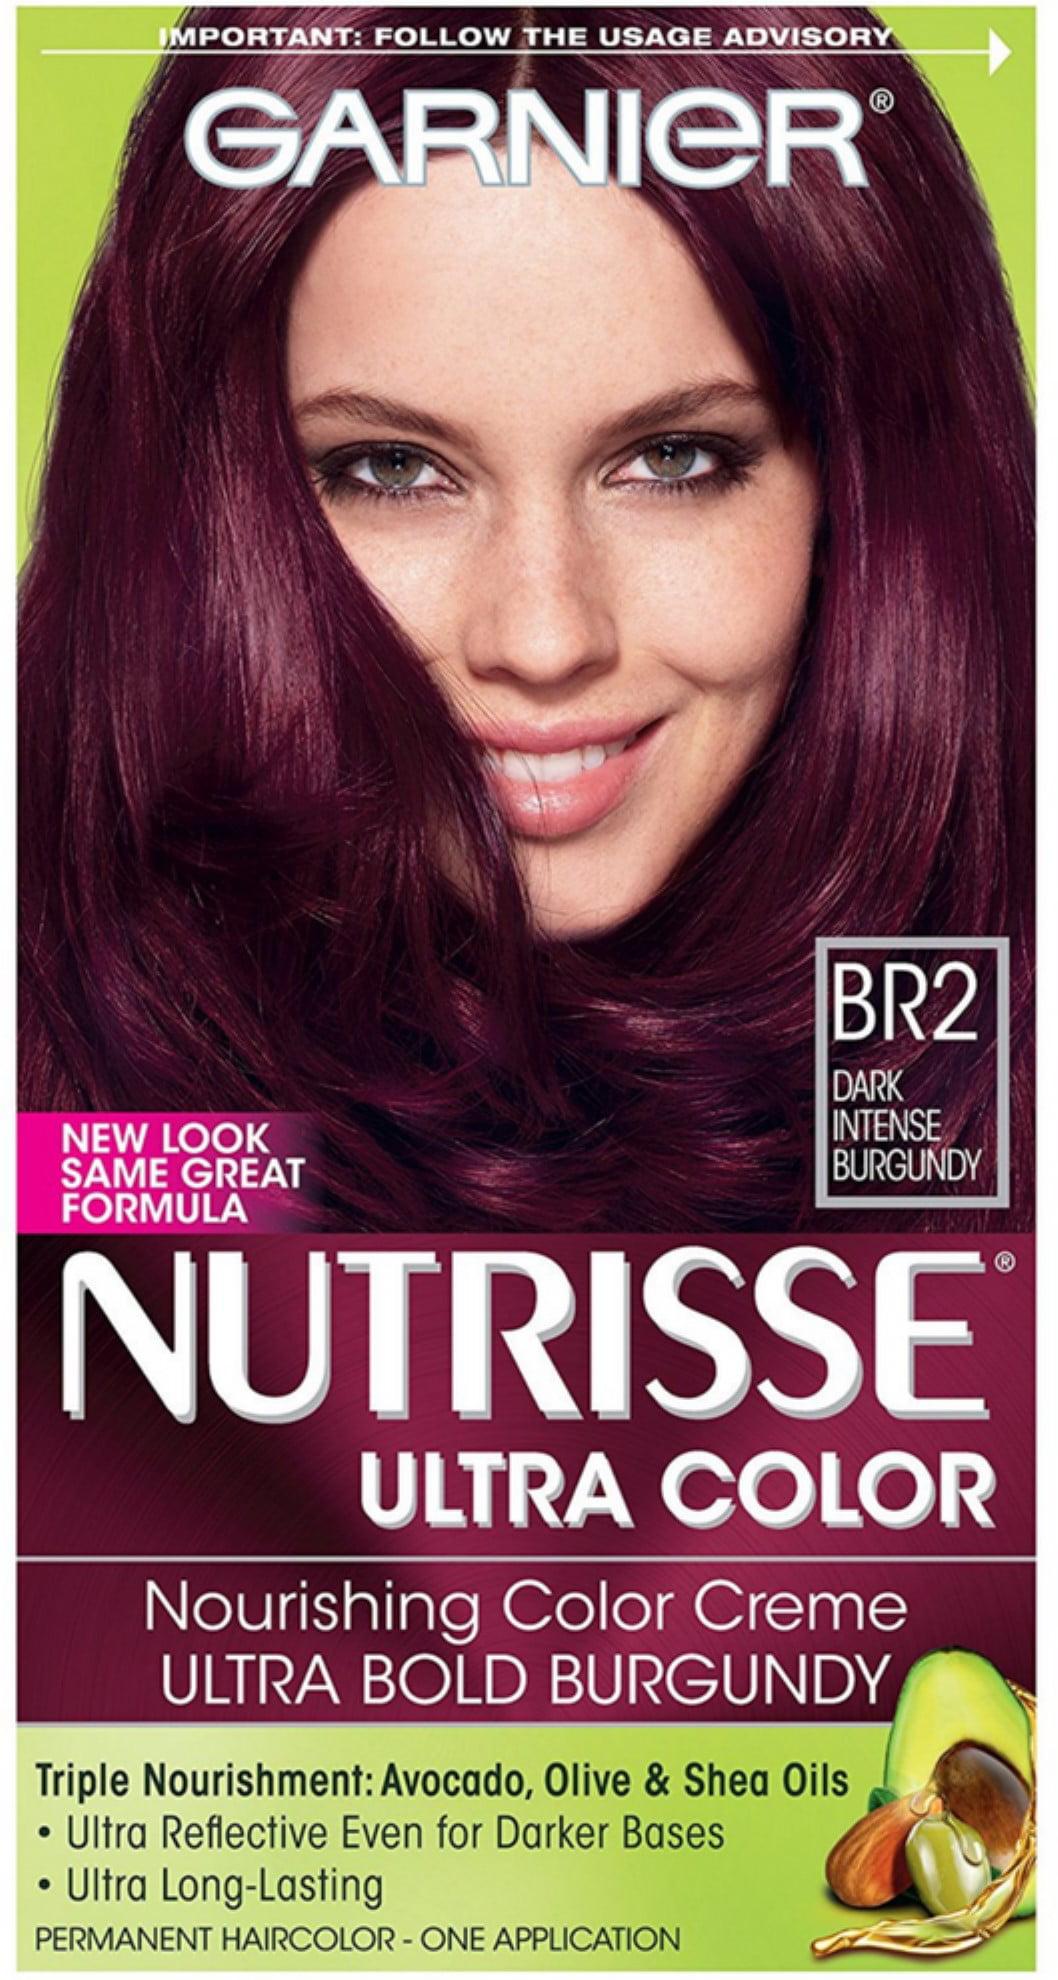 Garnier Nutrisse Ultra Color Nourishing Creme Dark Intense Burgundy Br2 1 Ea Pack Of 6